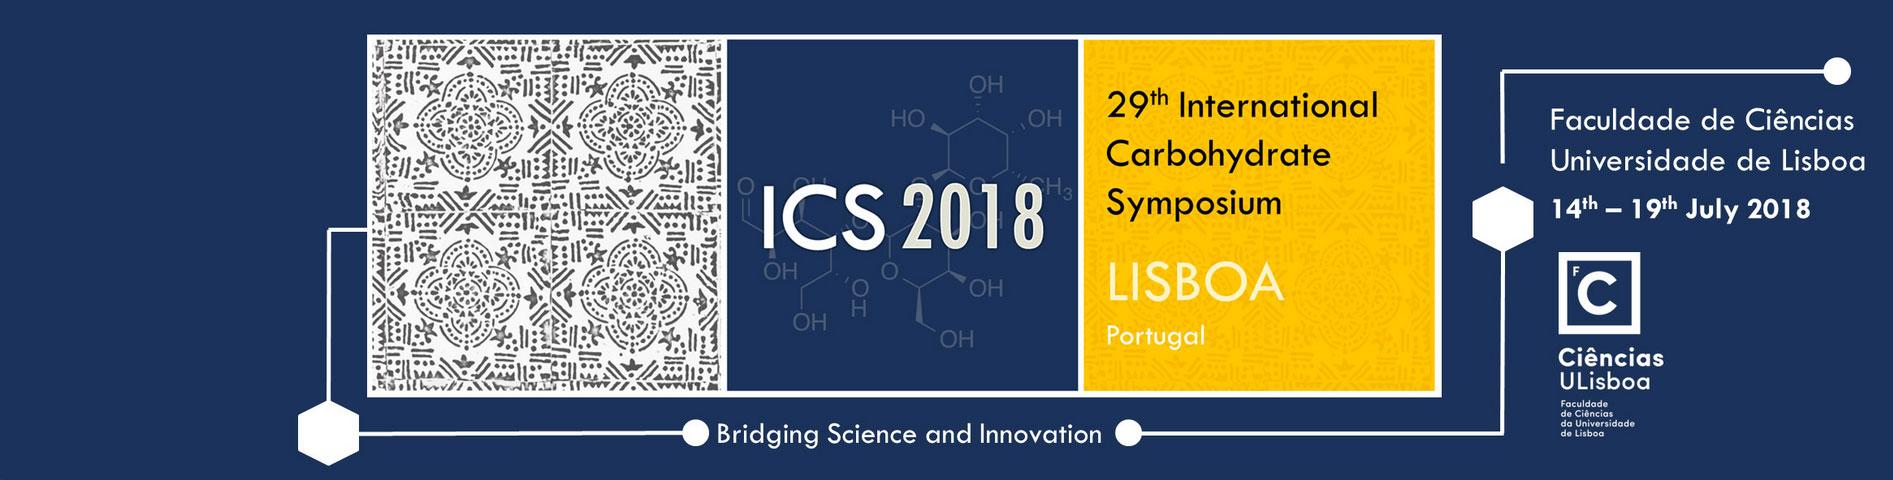 ICS2018